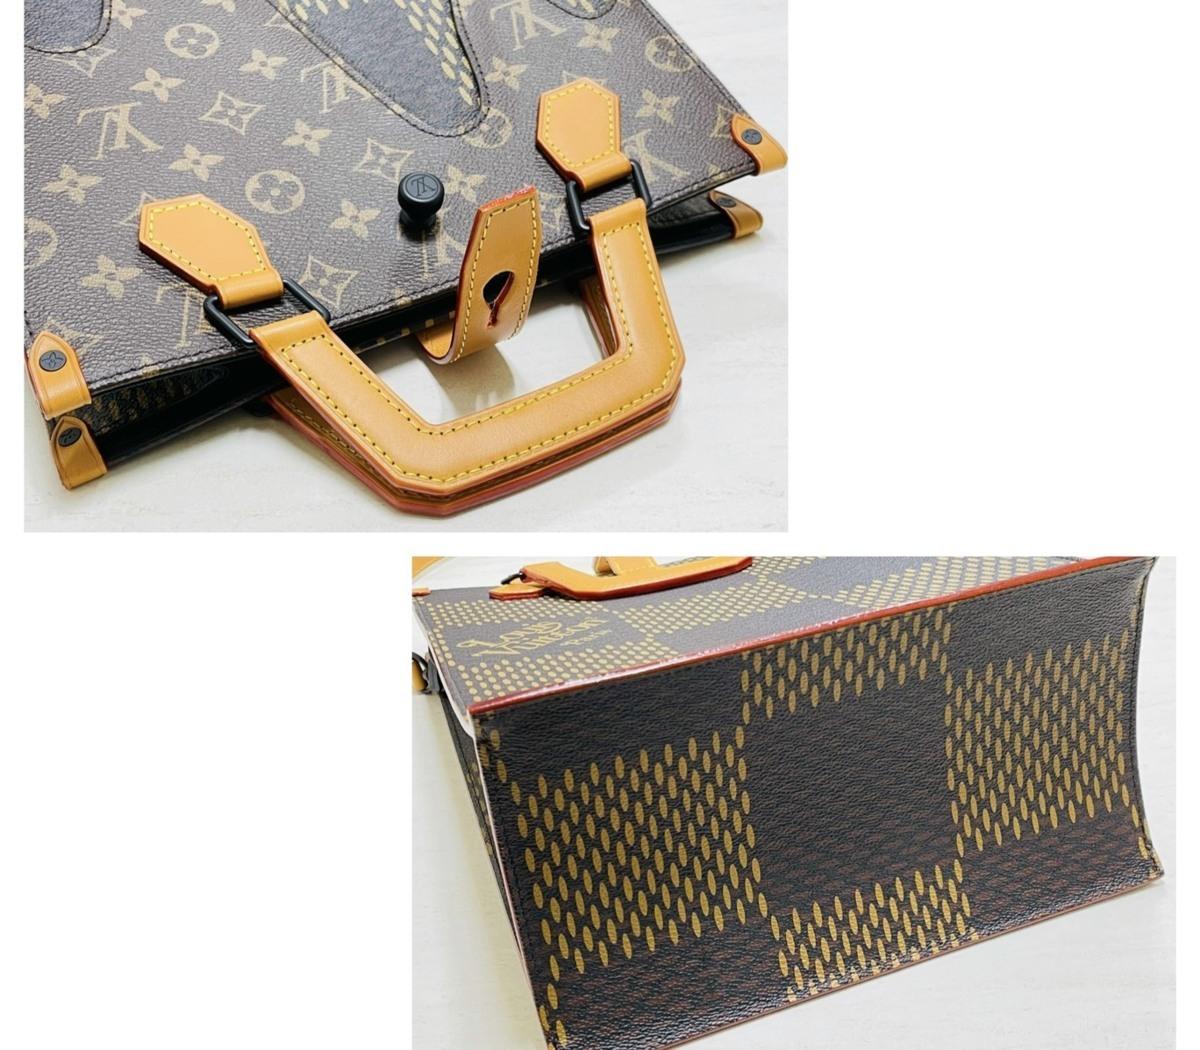 Louis Vuitton ルイヴィトン NIGO コラボ 2way ミニトート ショルダーバッグ ダミエ・エベヌ ジャイアントキャンバス モノグラム N40355_画像5